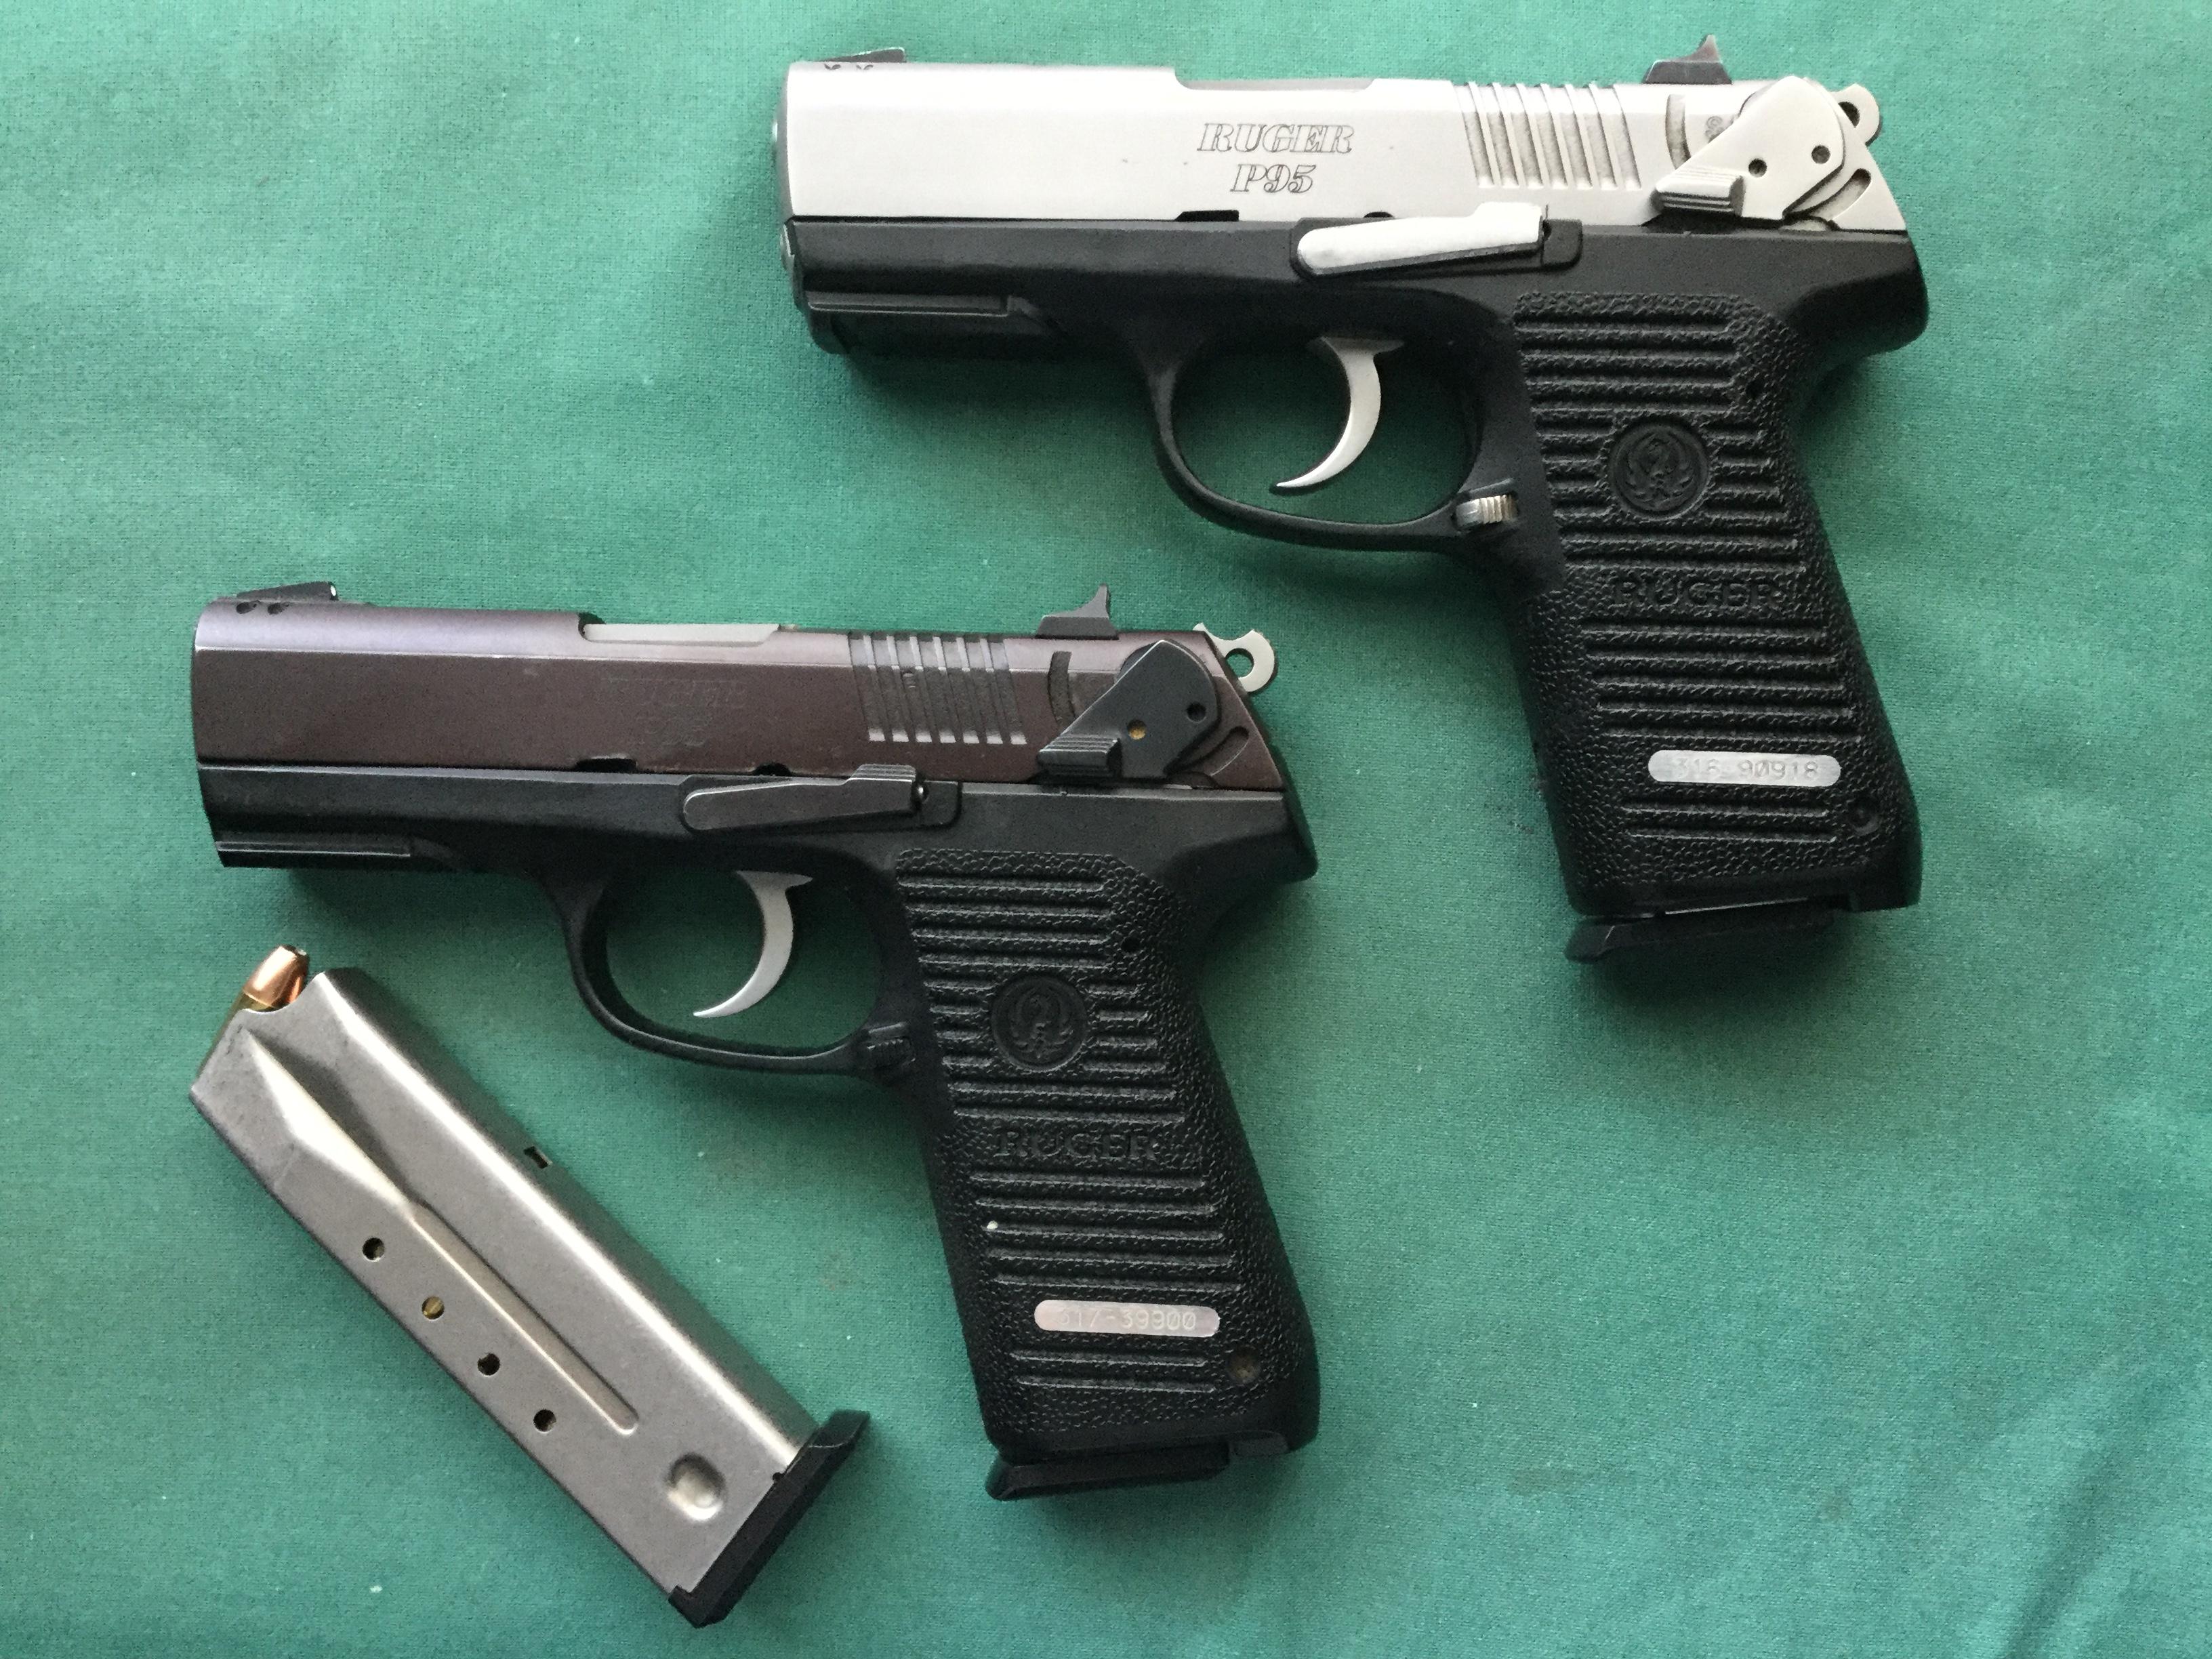 WTS D/FW area, (2) Ruger P95's, $185 ea, 9mm, 15+1 DA/SA